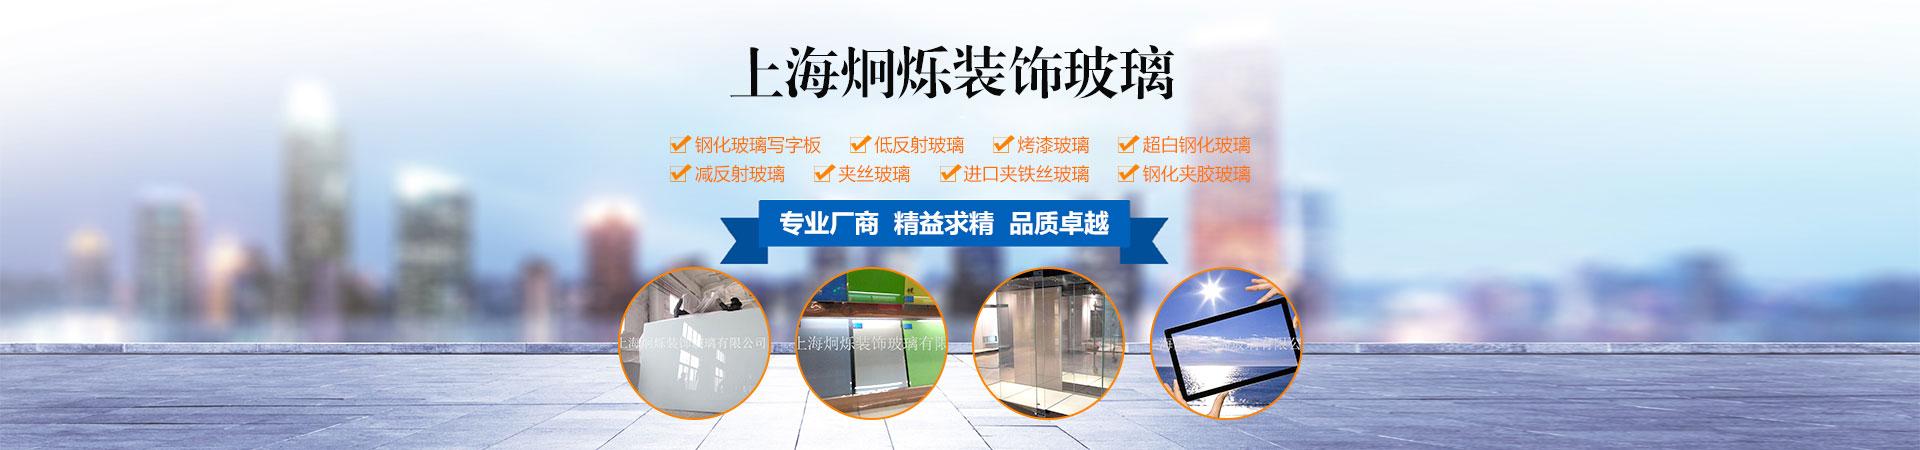 上海炯烁装饰beplay官方授权有限公司 企业形象图片